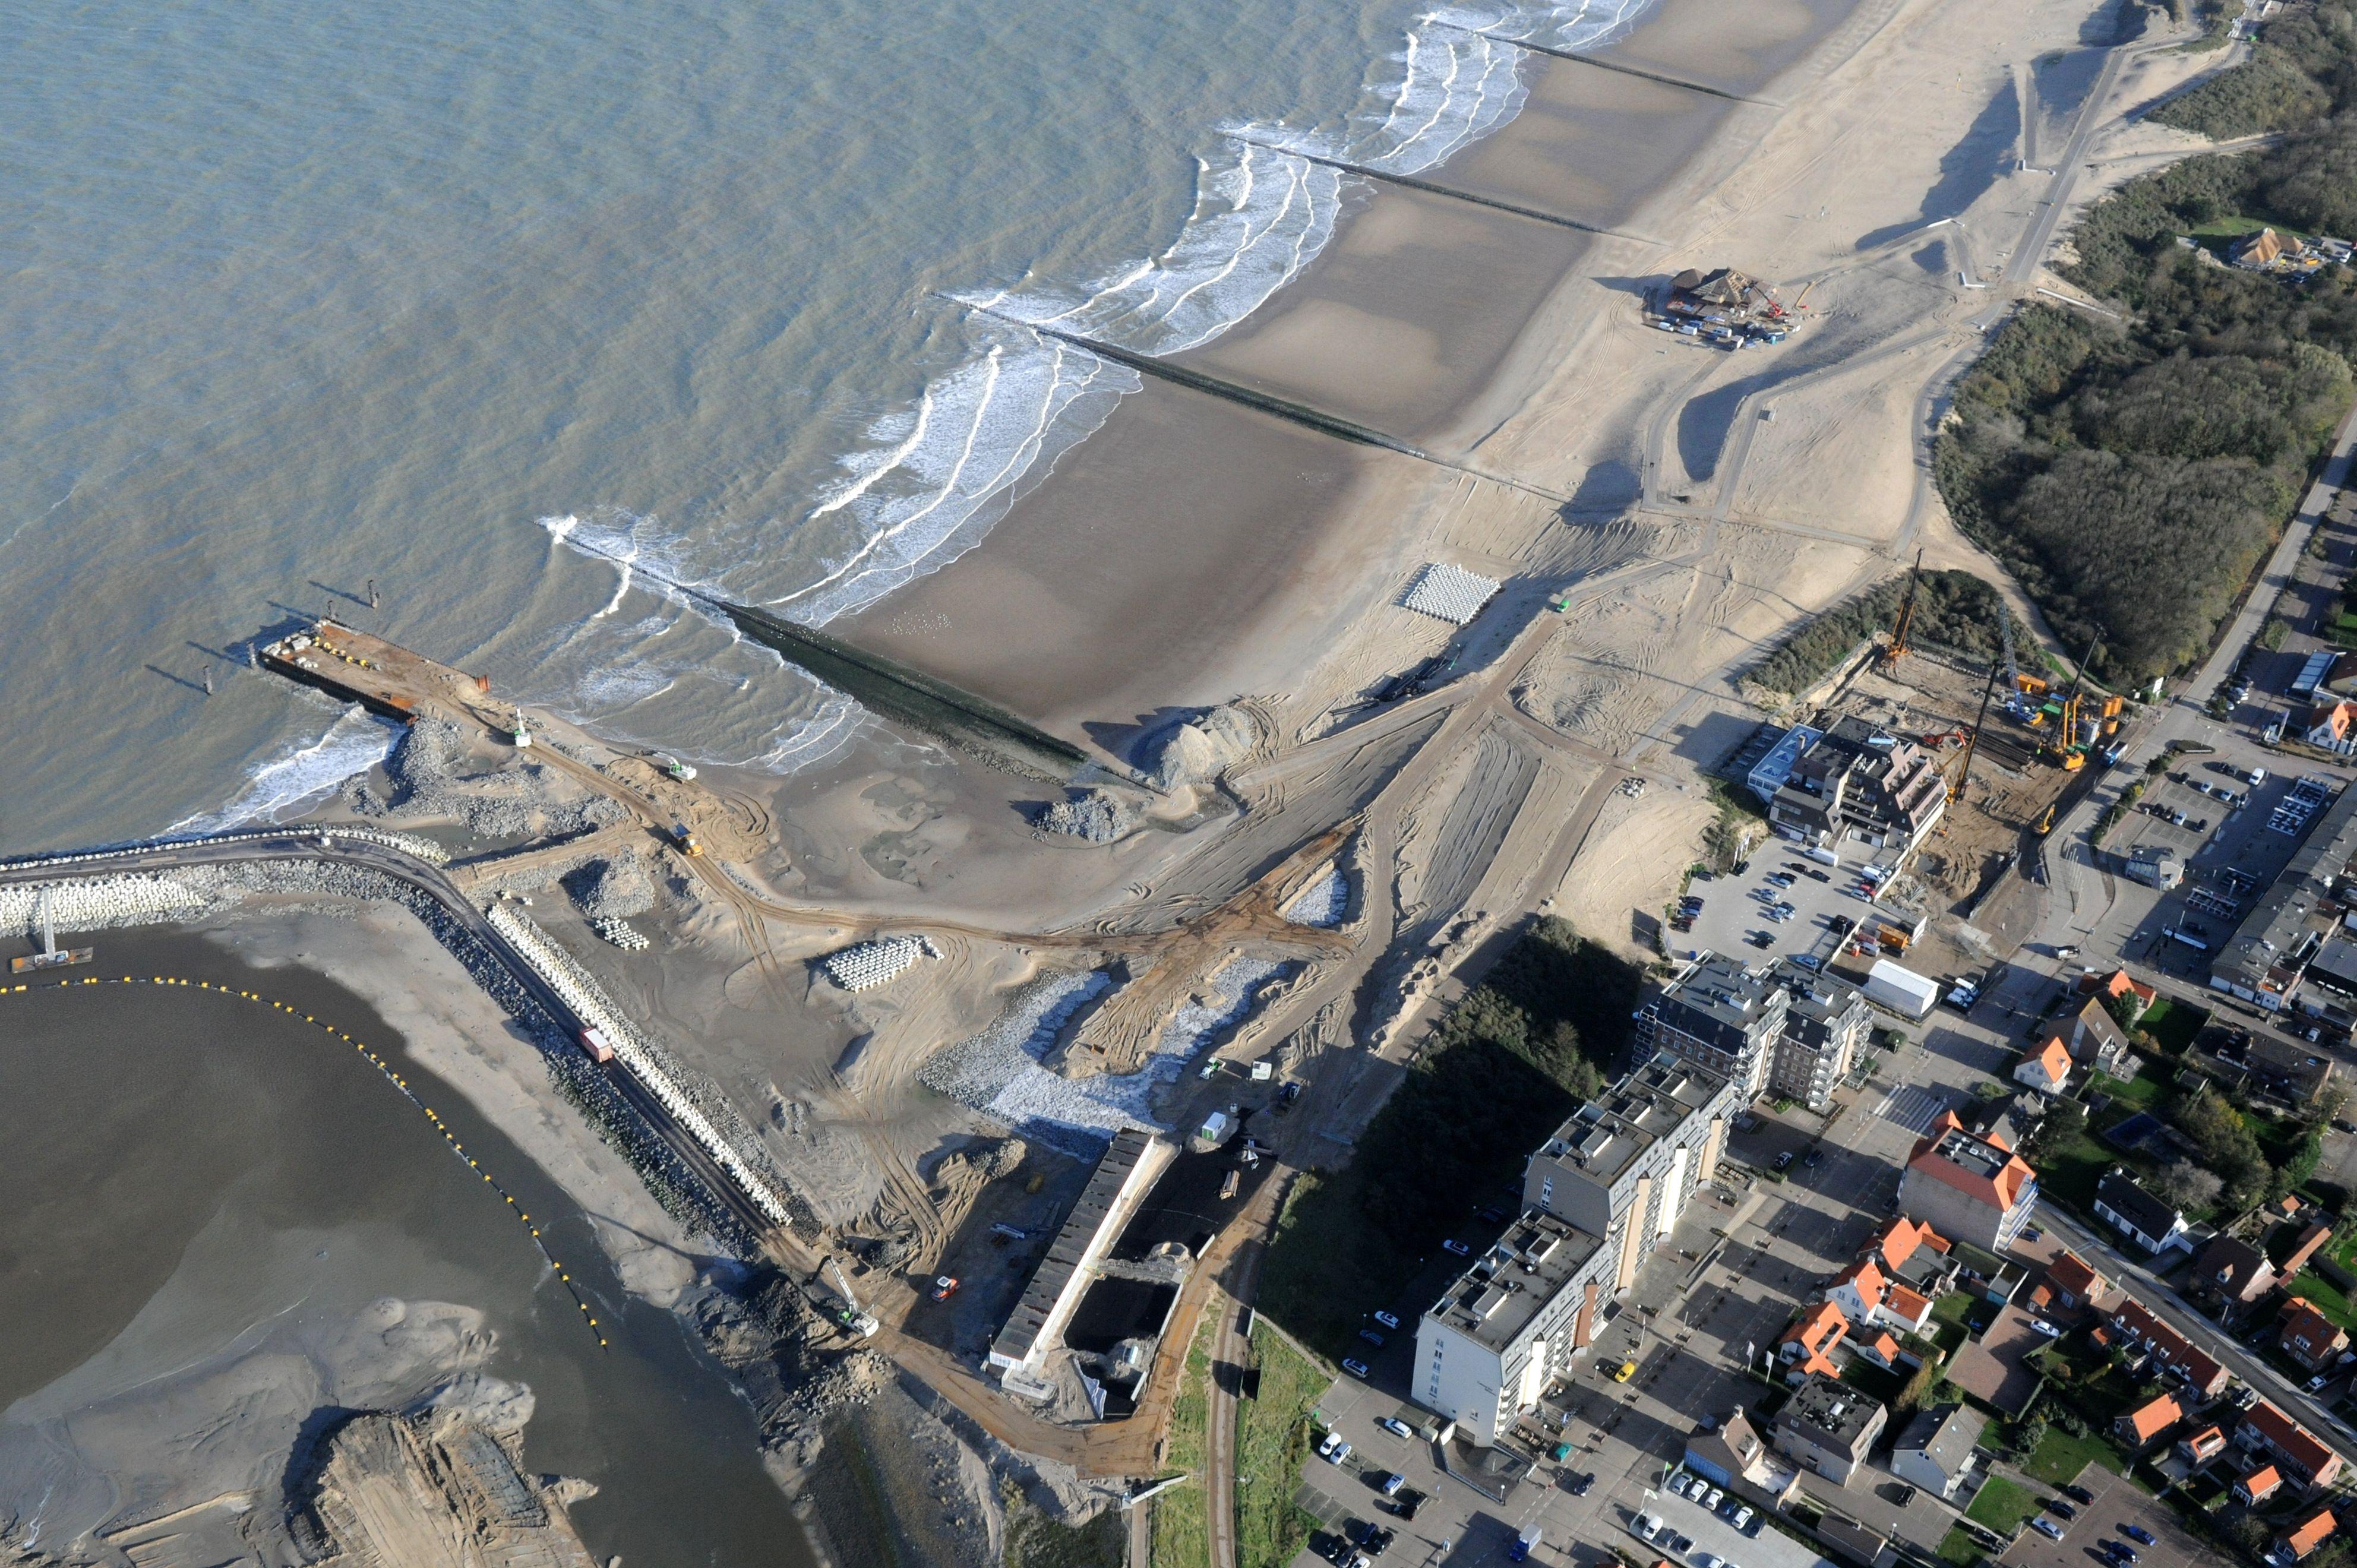 Luftfoto von der Küstenverstärkung bei Cadzand-Bad. Oben rechts im Bild der neue Strandpavillon De Piraat, unten im Bild der Kanalausgang